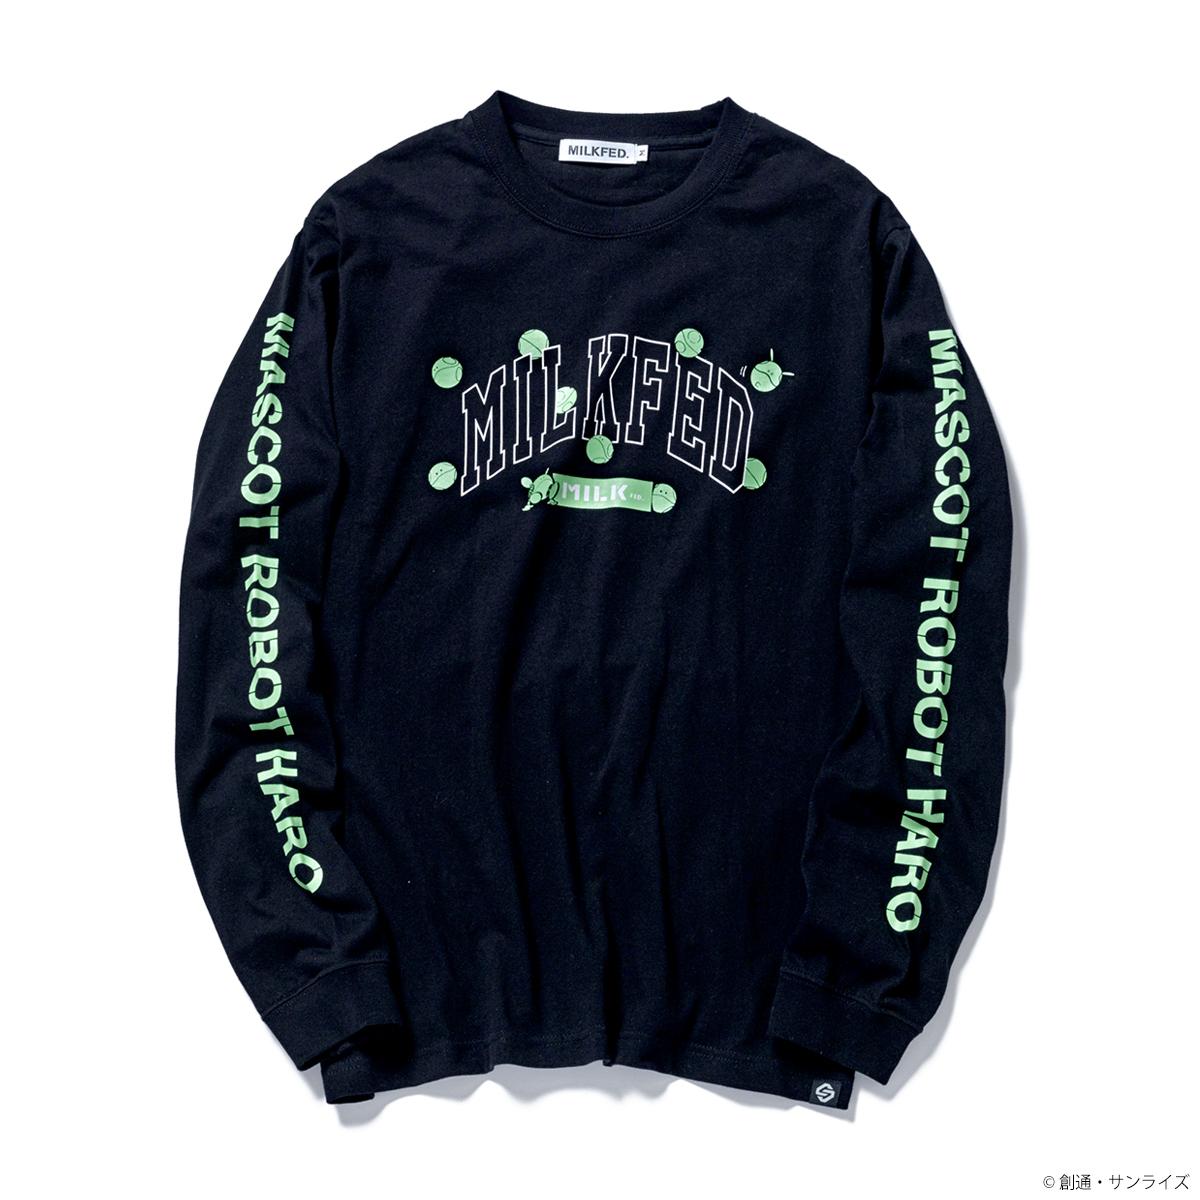 STRICT-G MILKFED.『機動戦士ガンダム』 長袖 Tシャツ ハロ カレッジロゴ